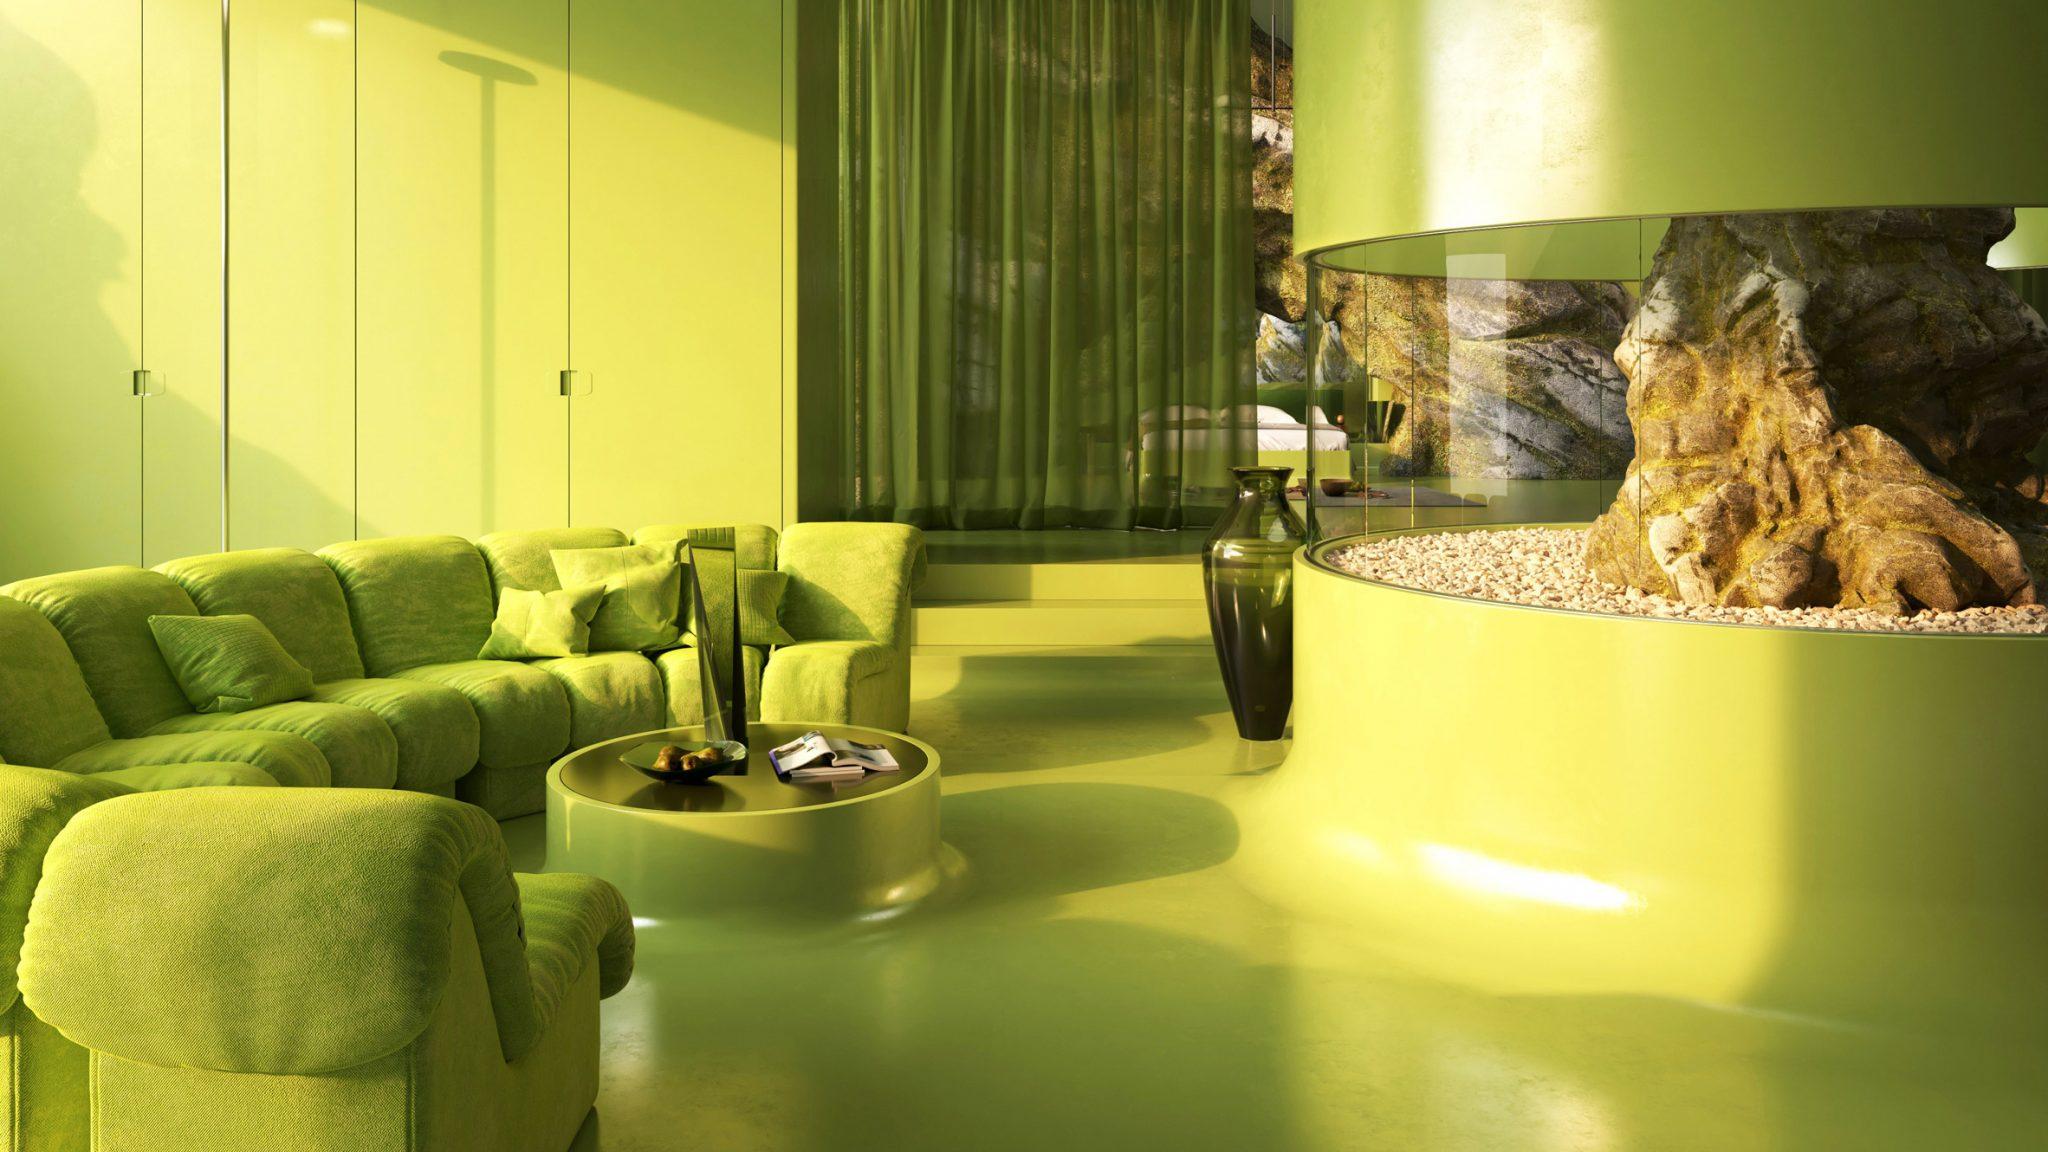 버추얼디자이너 안토니 오띠, 몽환적 건축콘셉 담은 아키토이 캡슐 NFT 경매